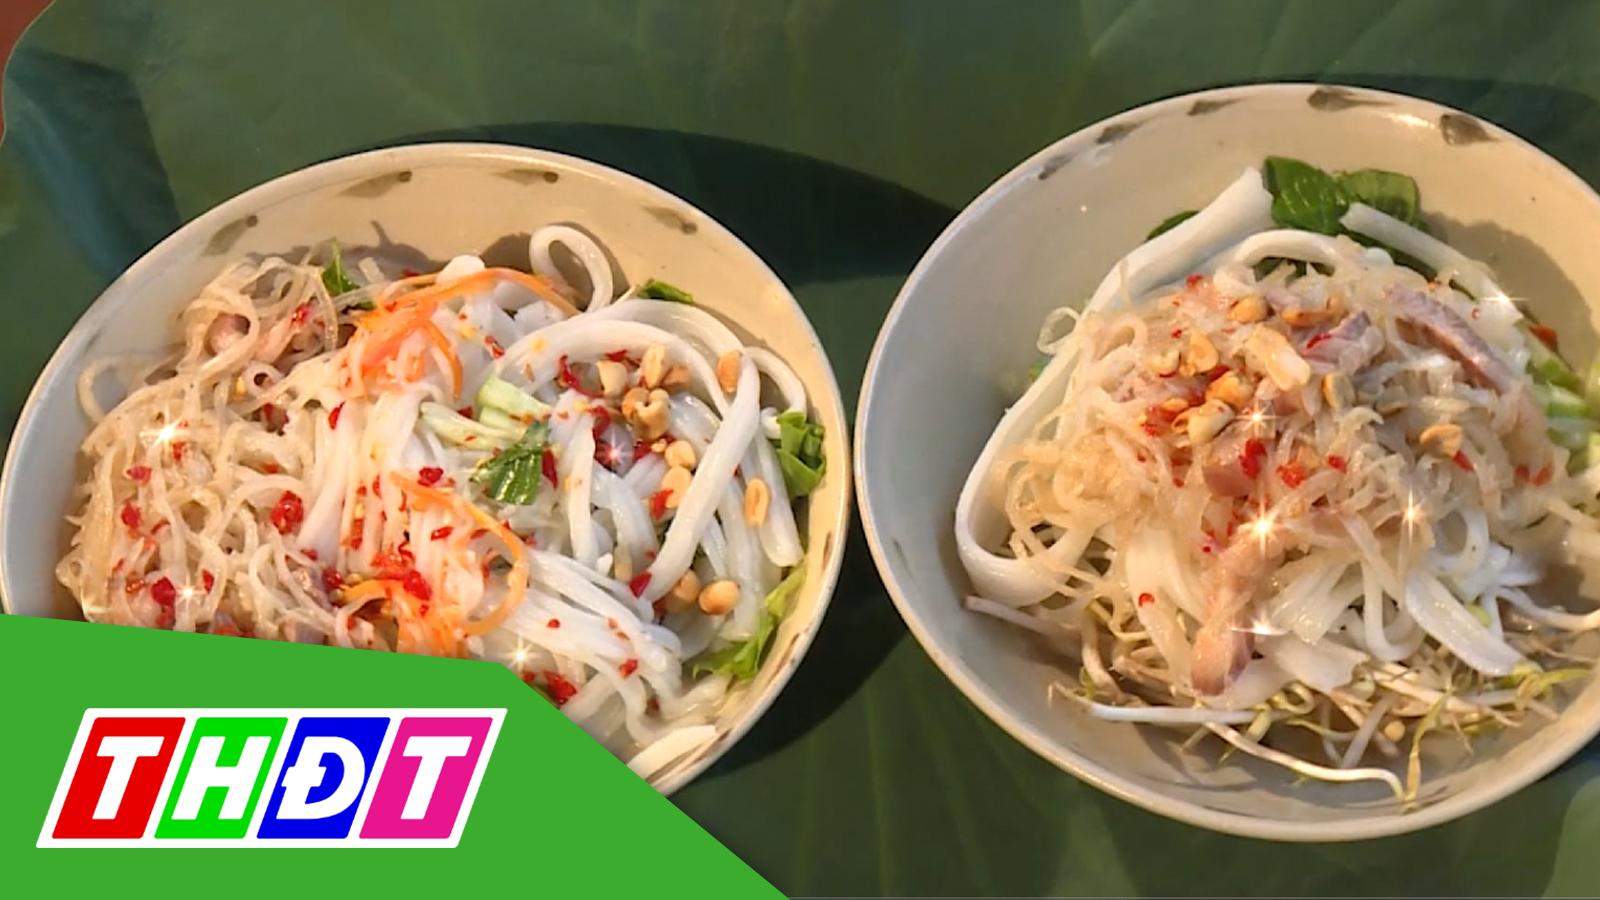 Ẩm thực đất sen hồng - 24/8/2020 - Thưởng thức đặc sản cá sửu và món dưa mắm xào thịt ba rọi